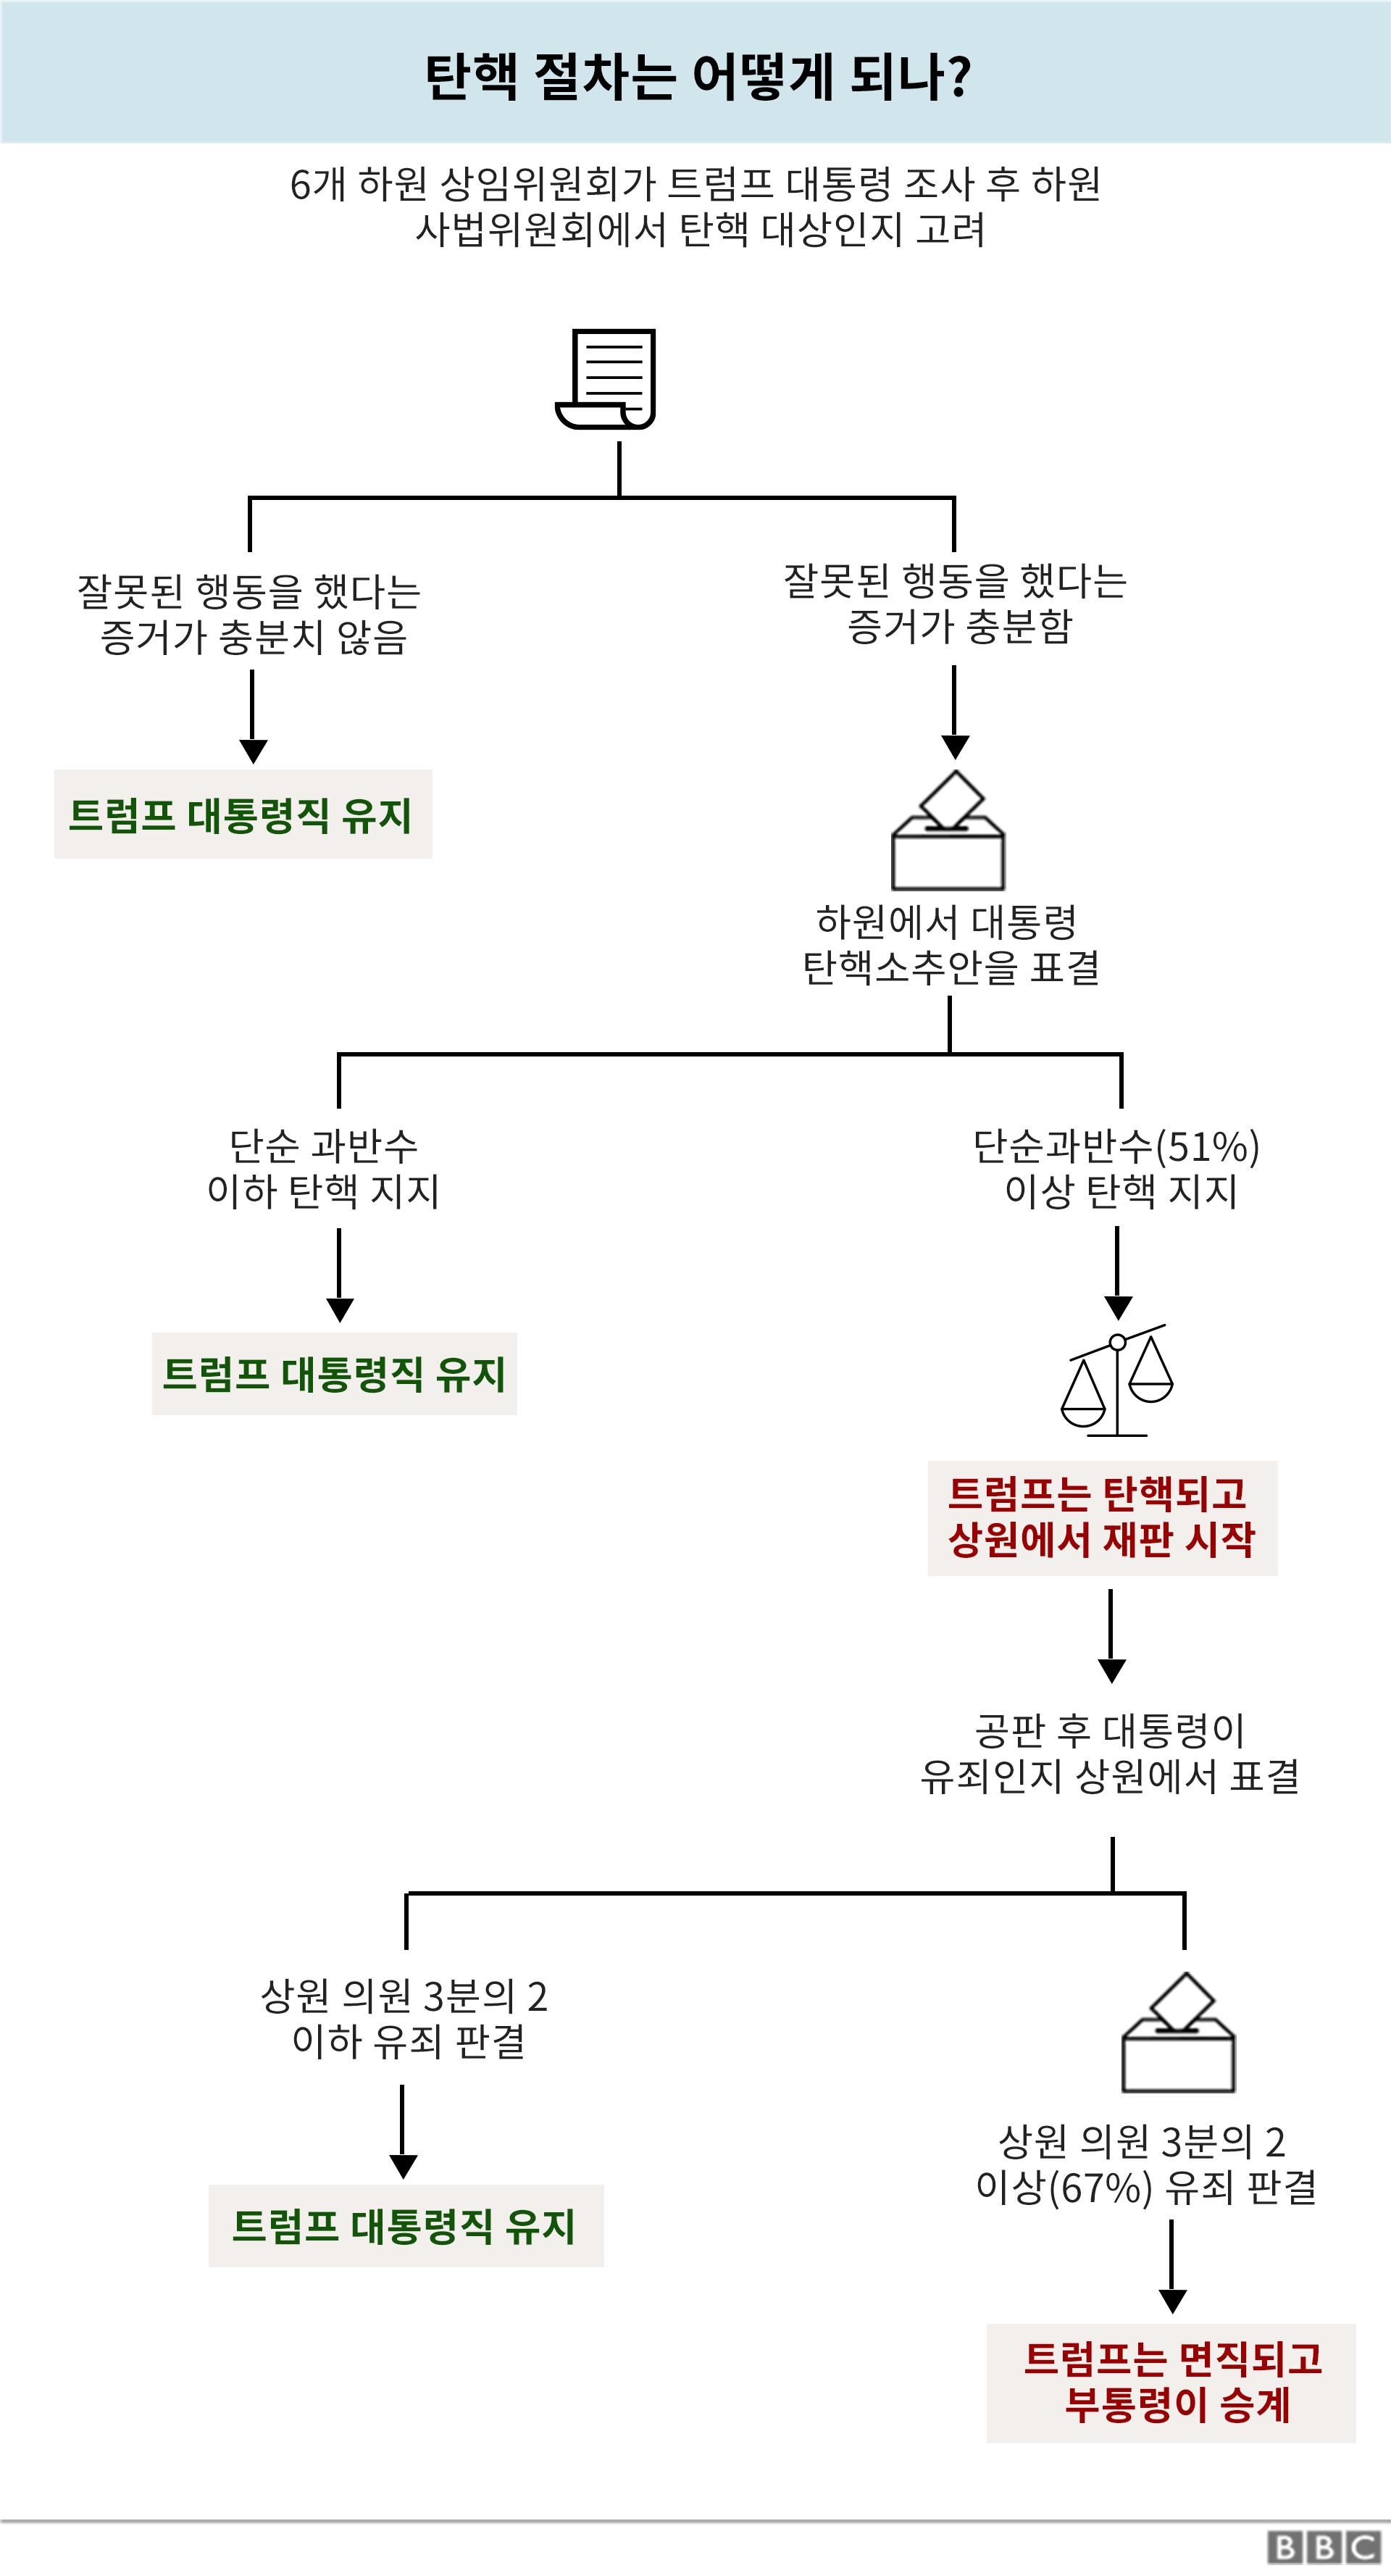 두단계 탄핵 절차